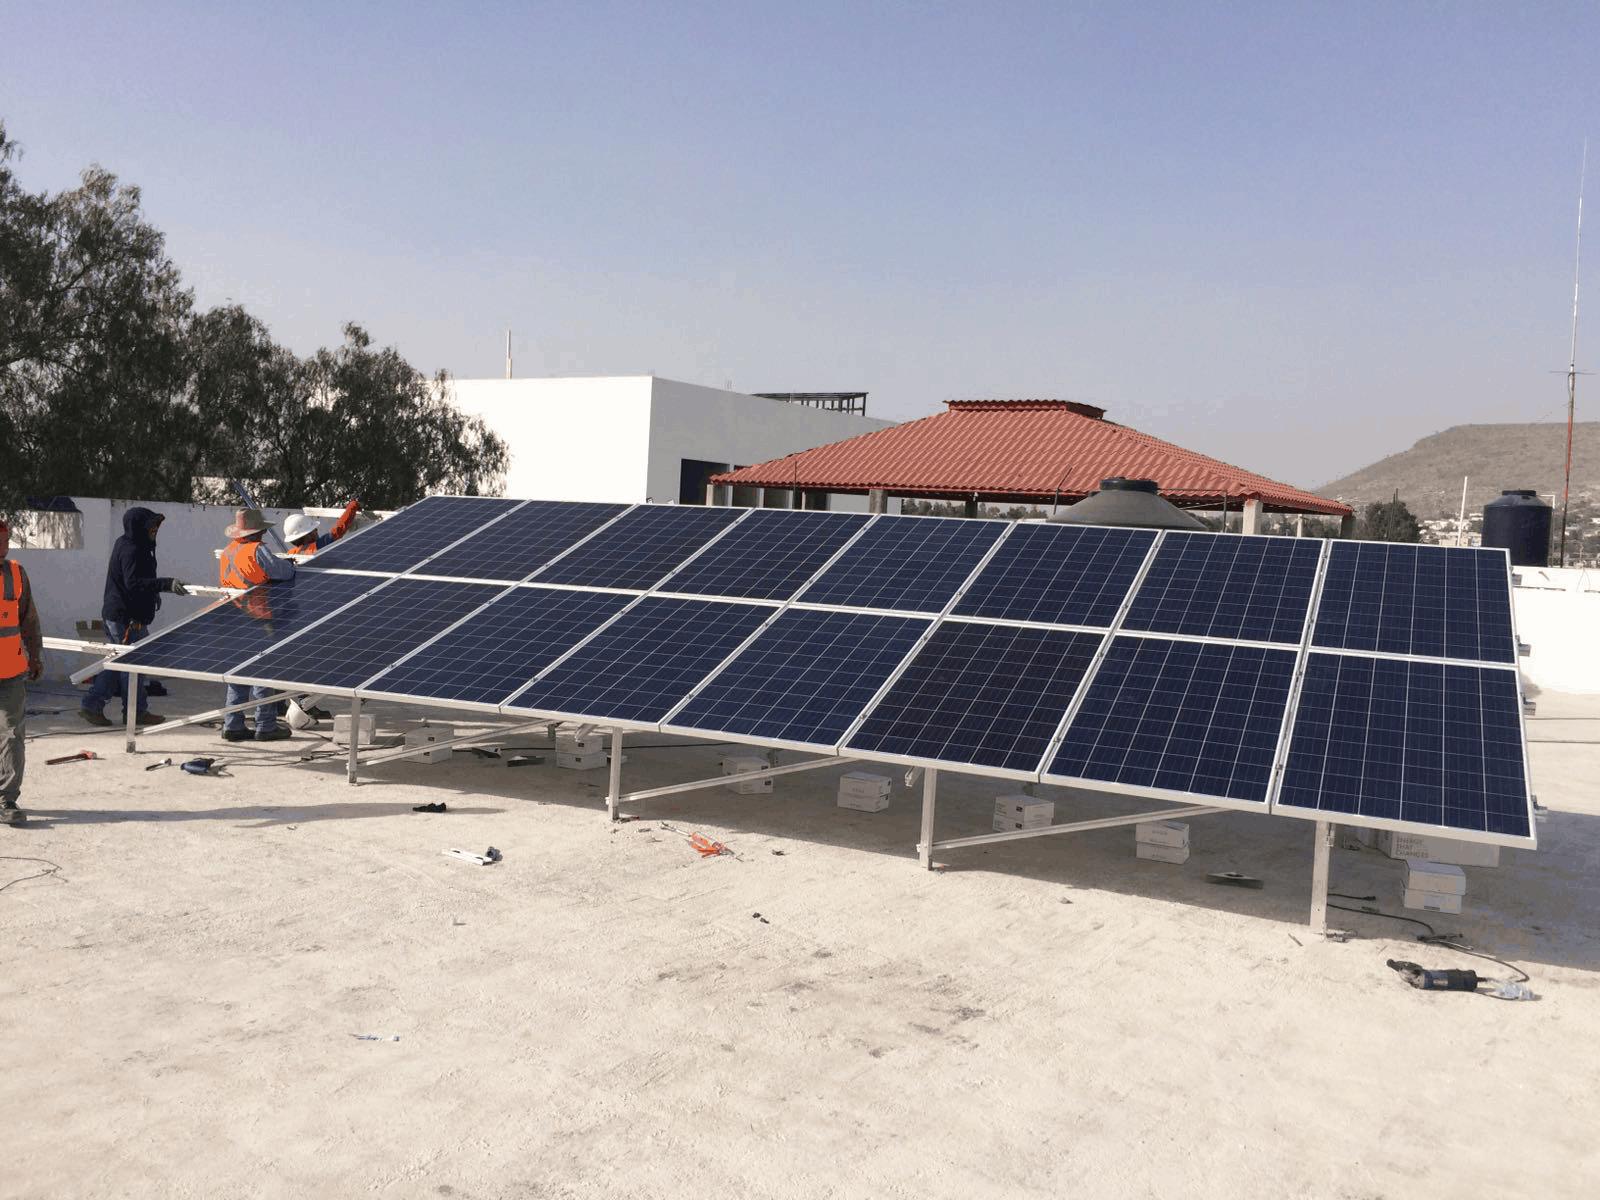 Comprar o rentar paneles solares